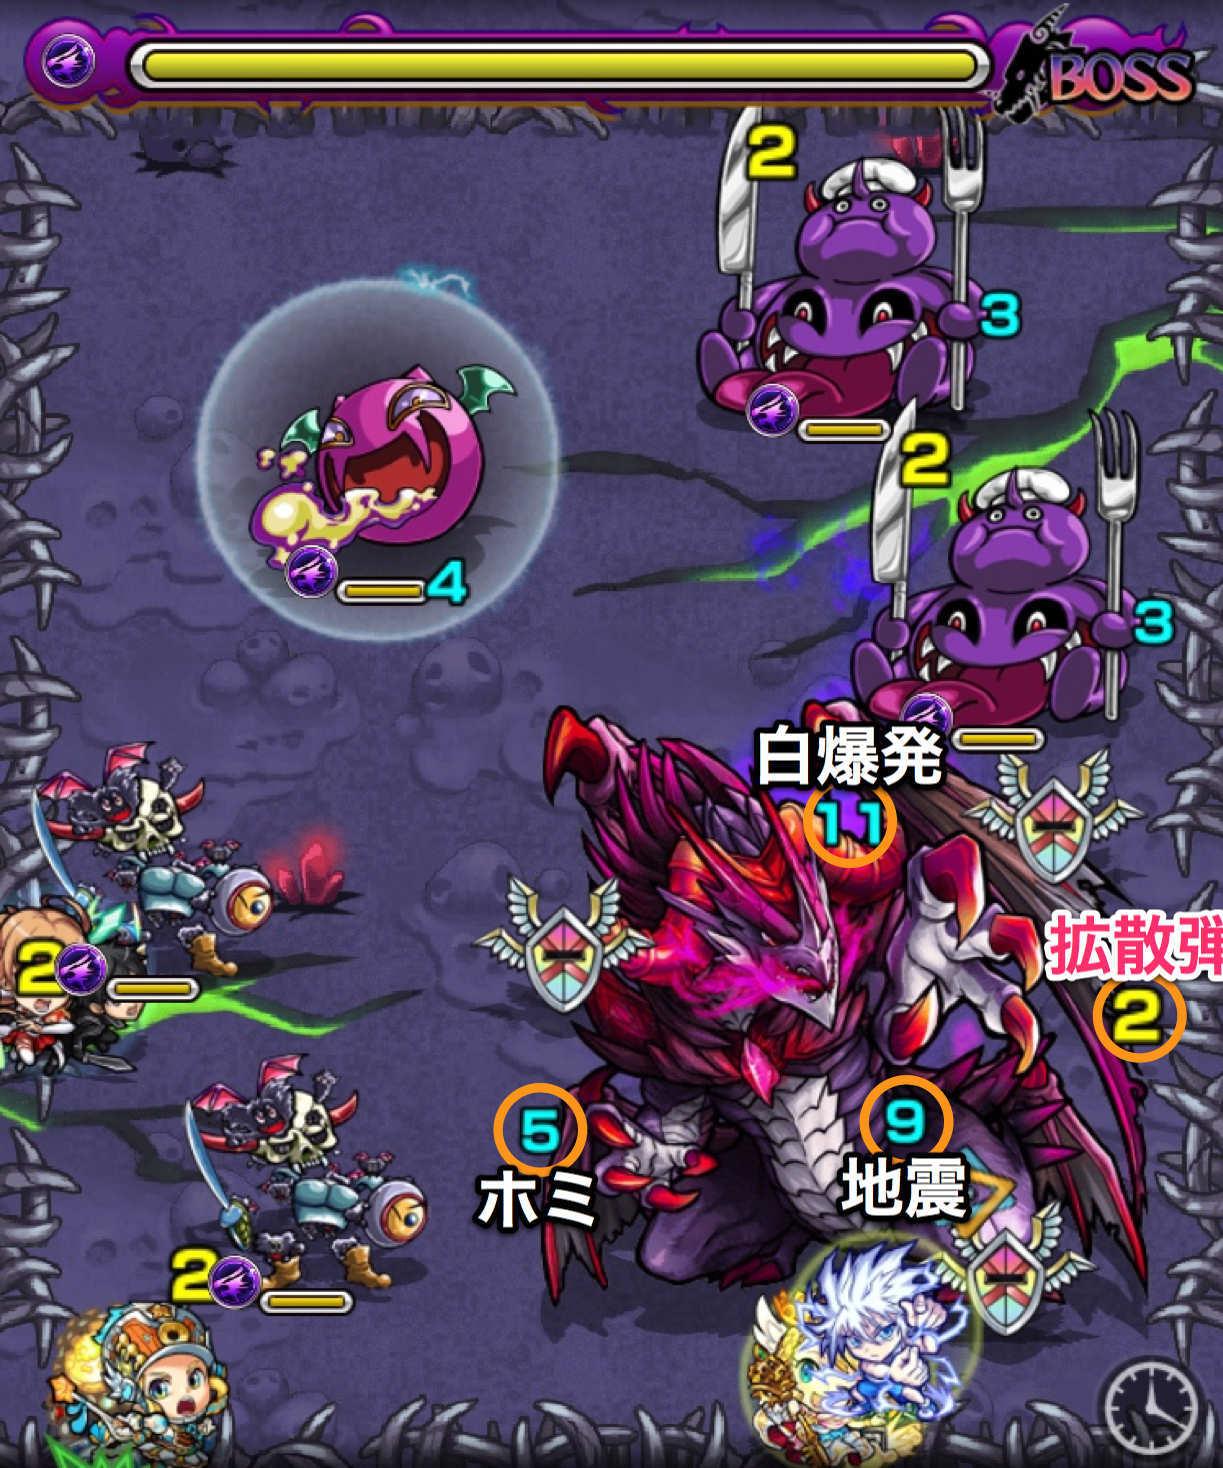 ダークドラゴンボス3攻略.jpg